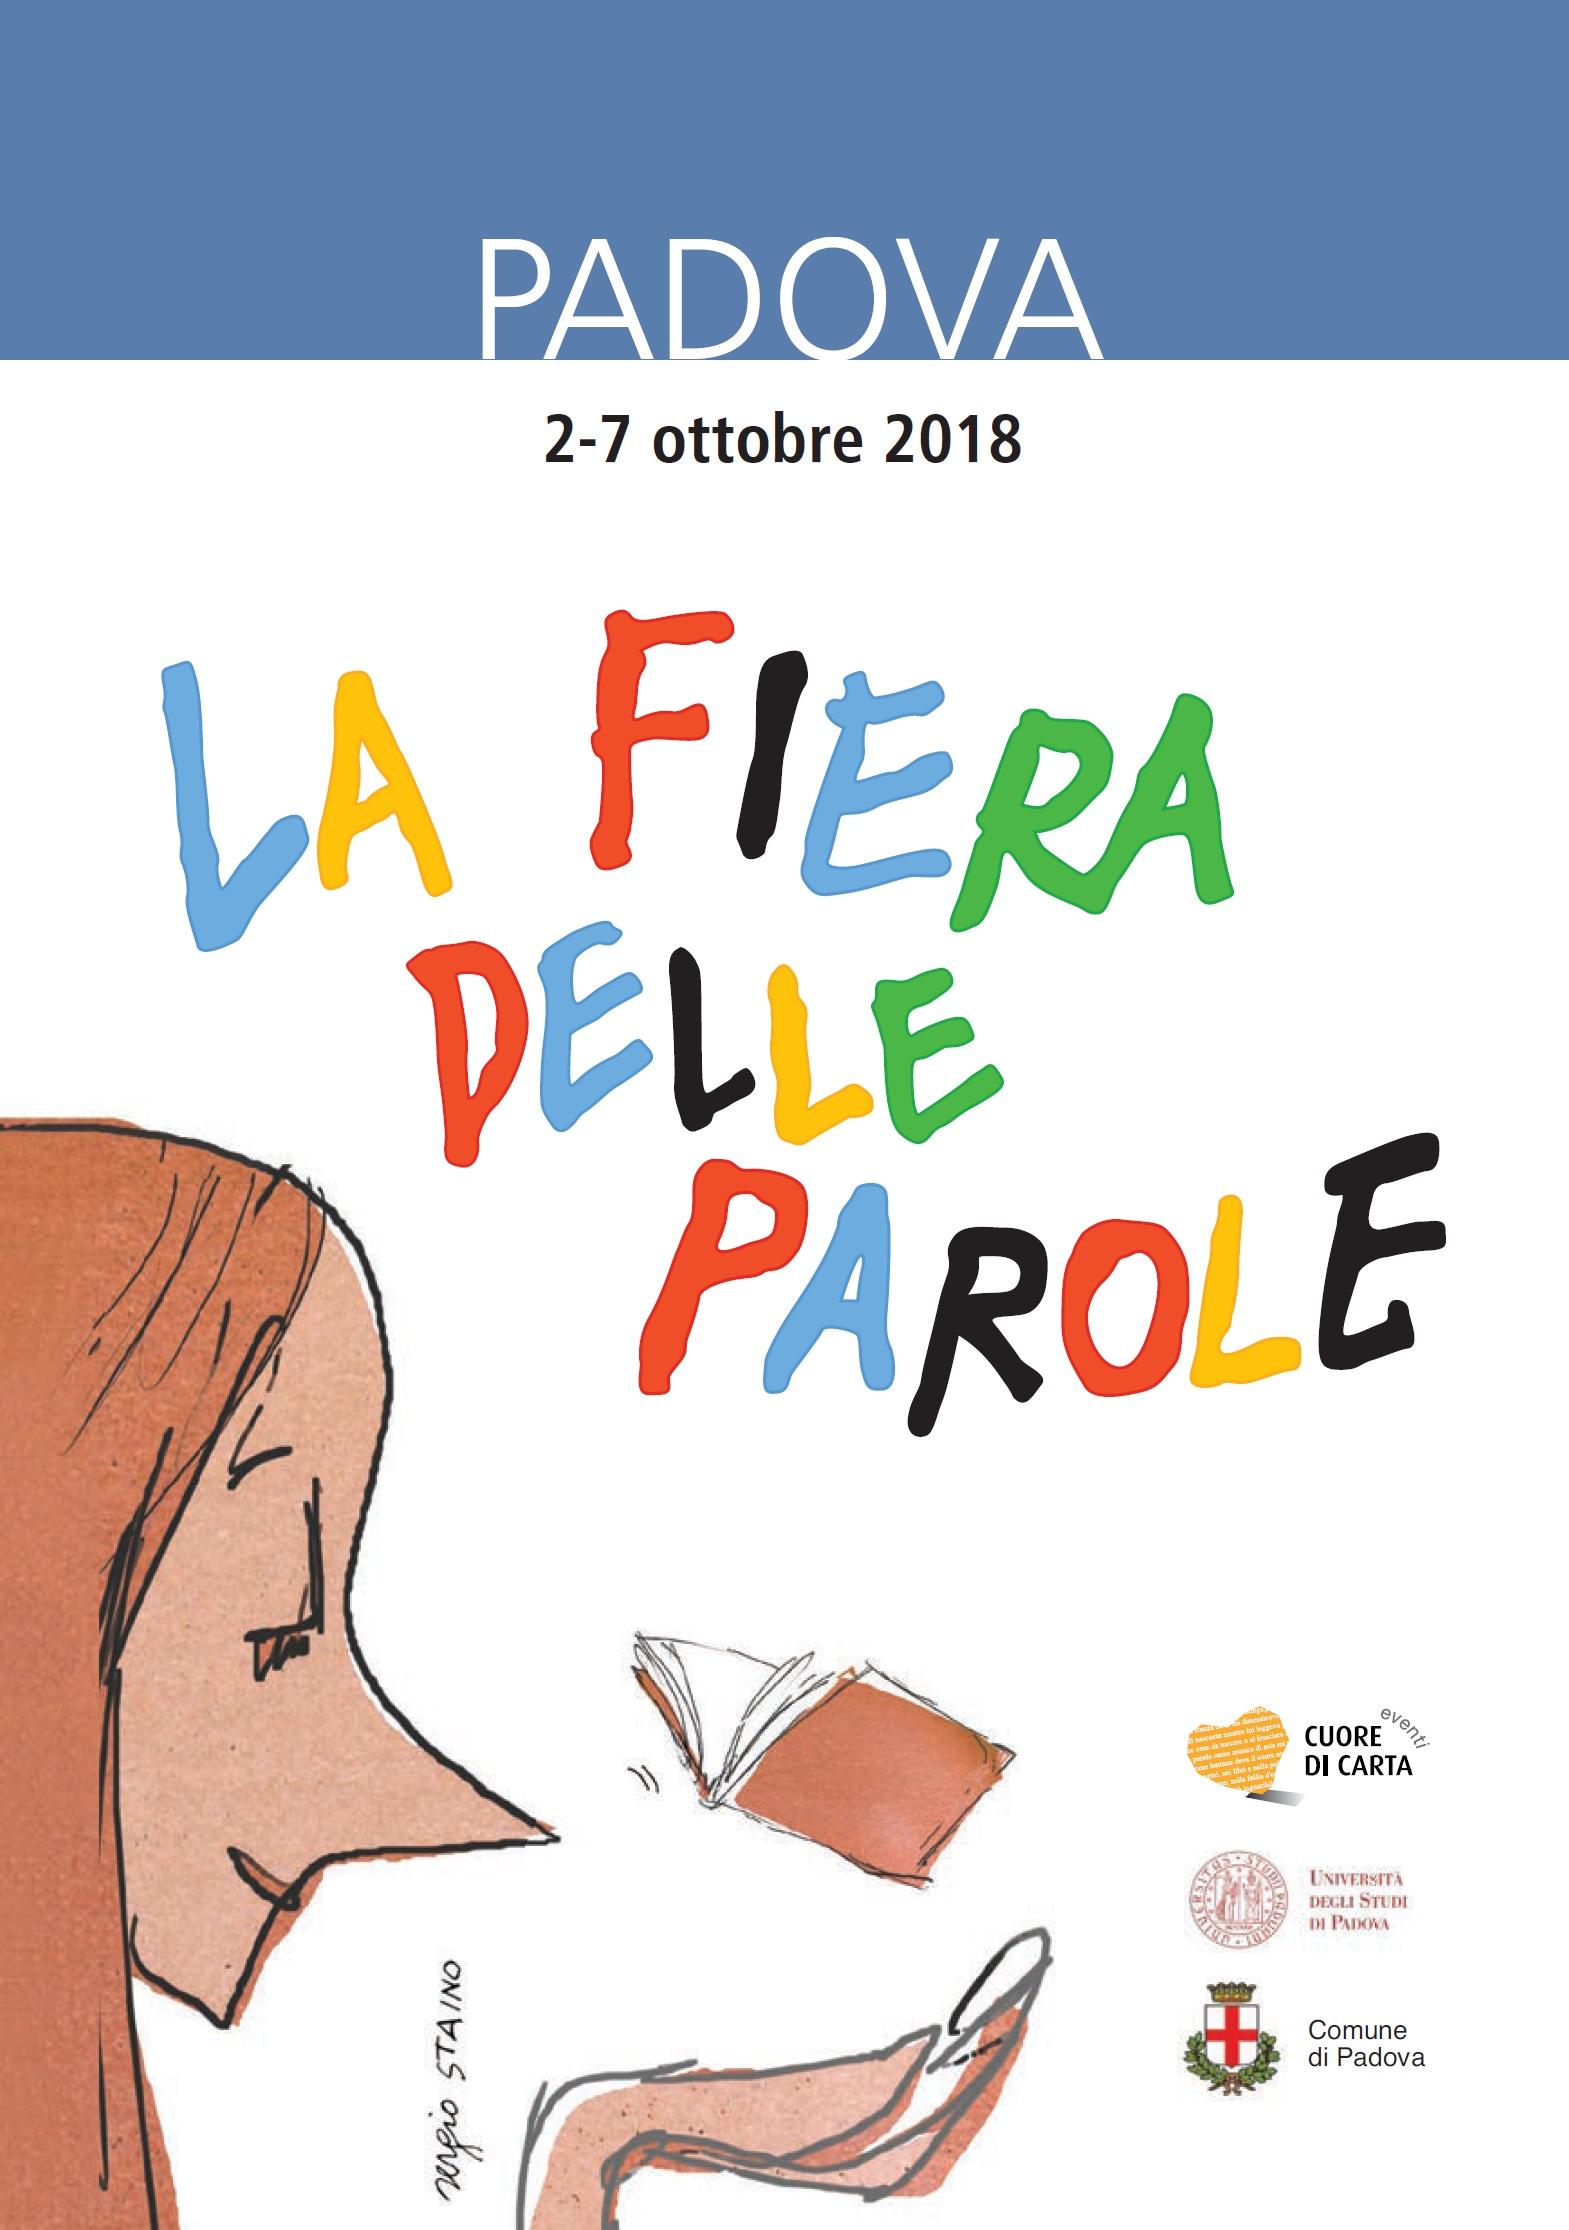 Calendario Manifestazioni Abano Terme.La Fiera Delle Parole 2018 Mobile Padova Cultura